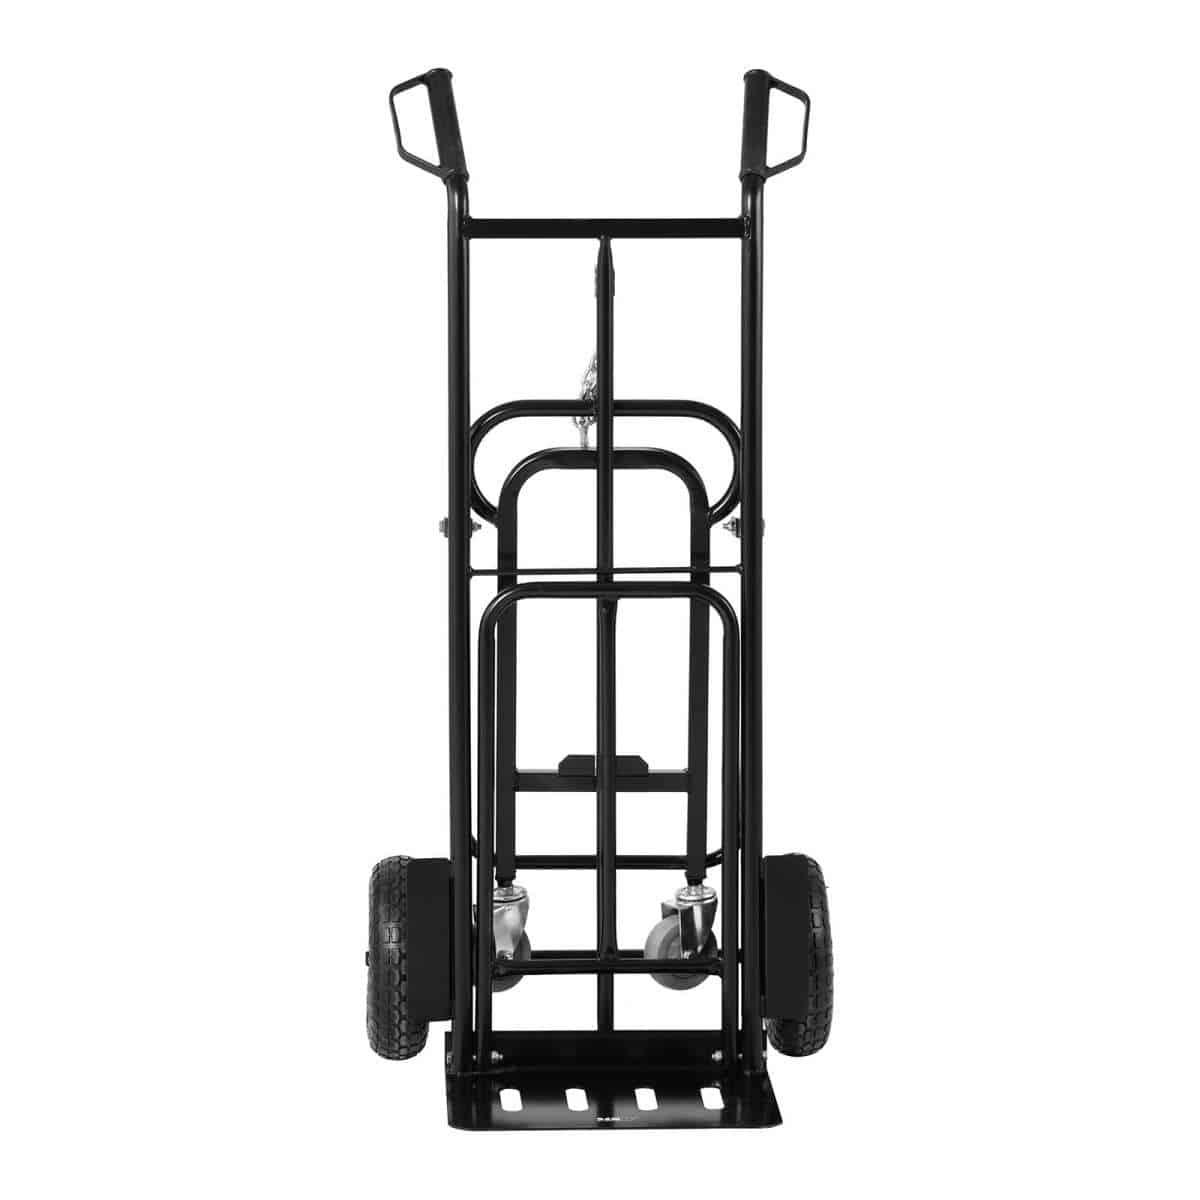 Sackkarre - bis 180 kg - klappbar - Stützräder   expondo.de